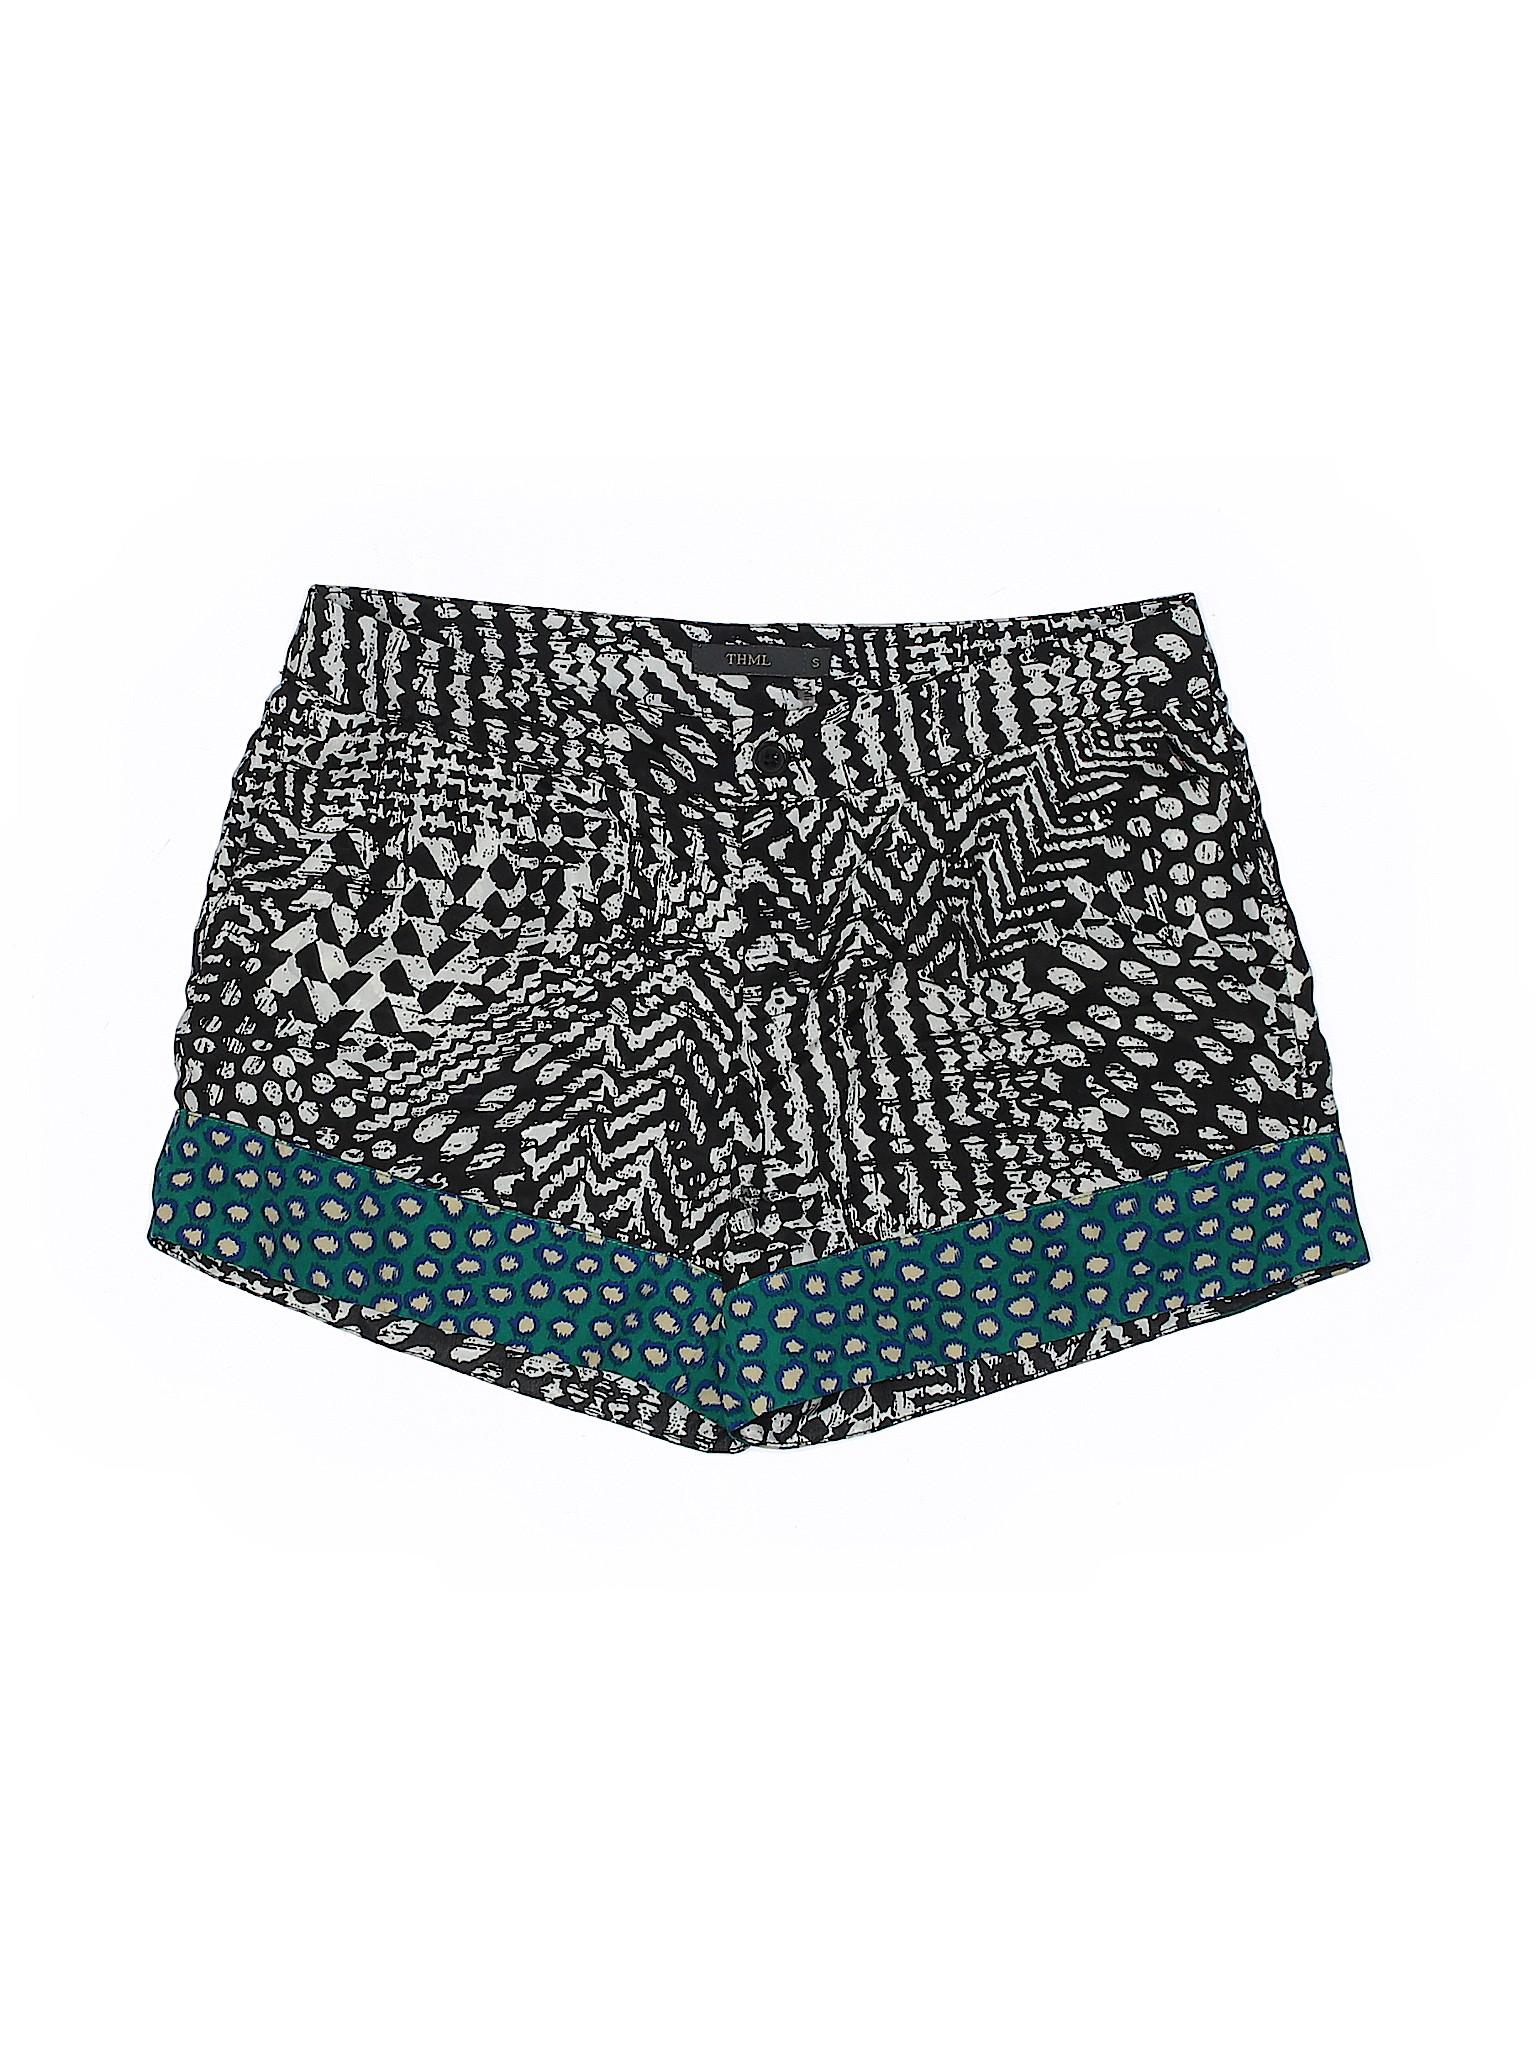 Boutique THML Boutique Shorts THML wIYZIqf